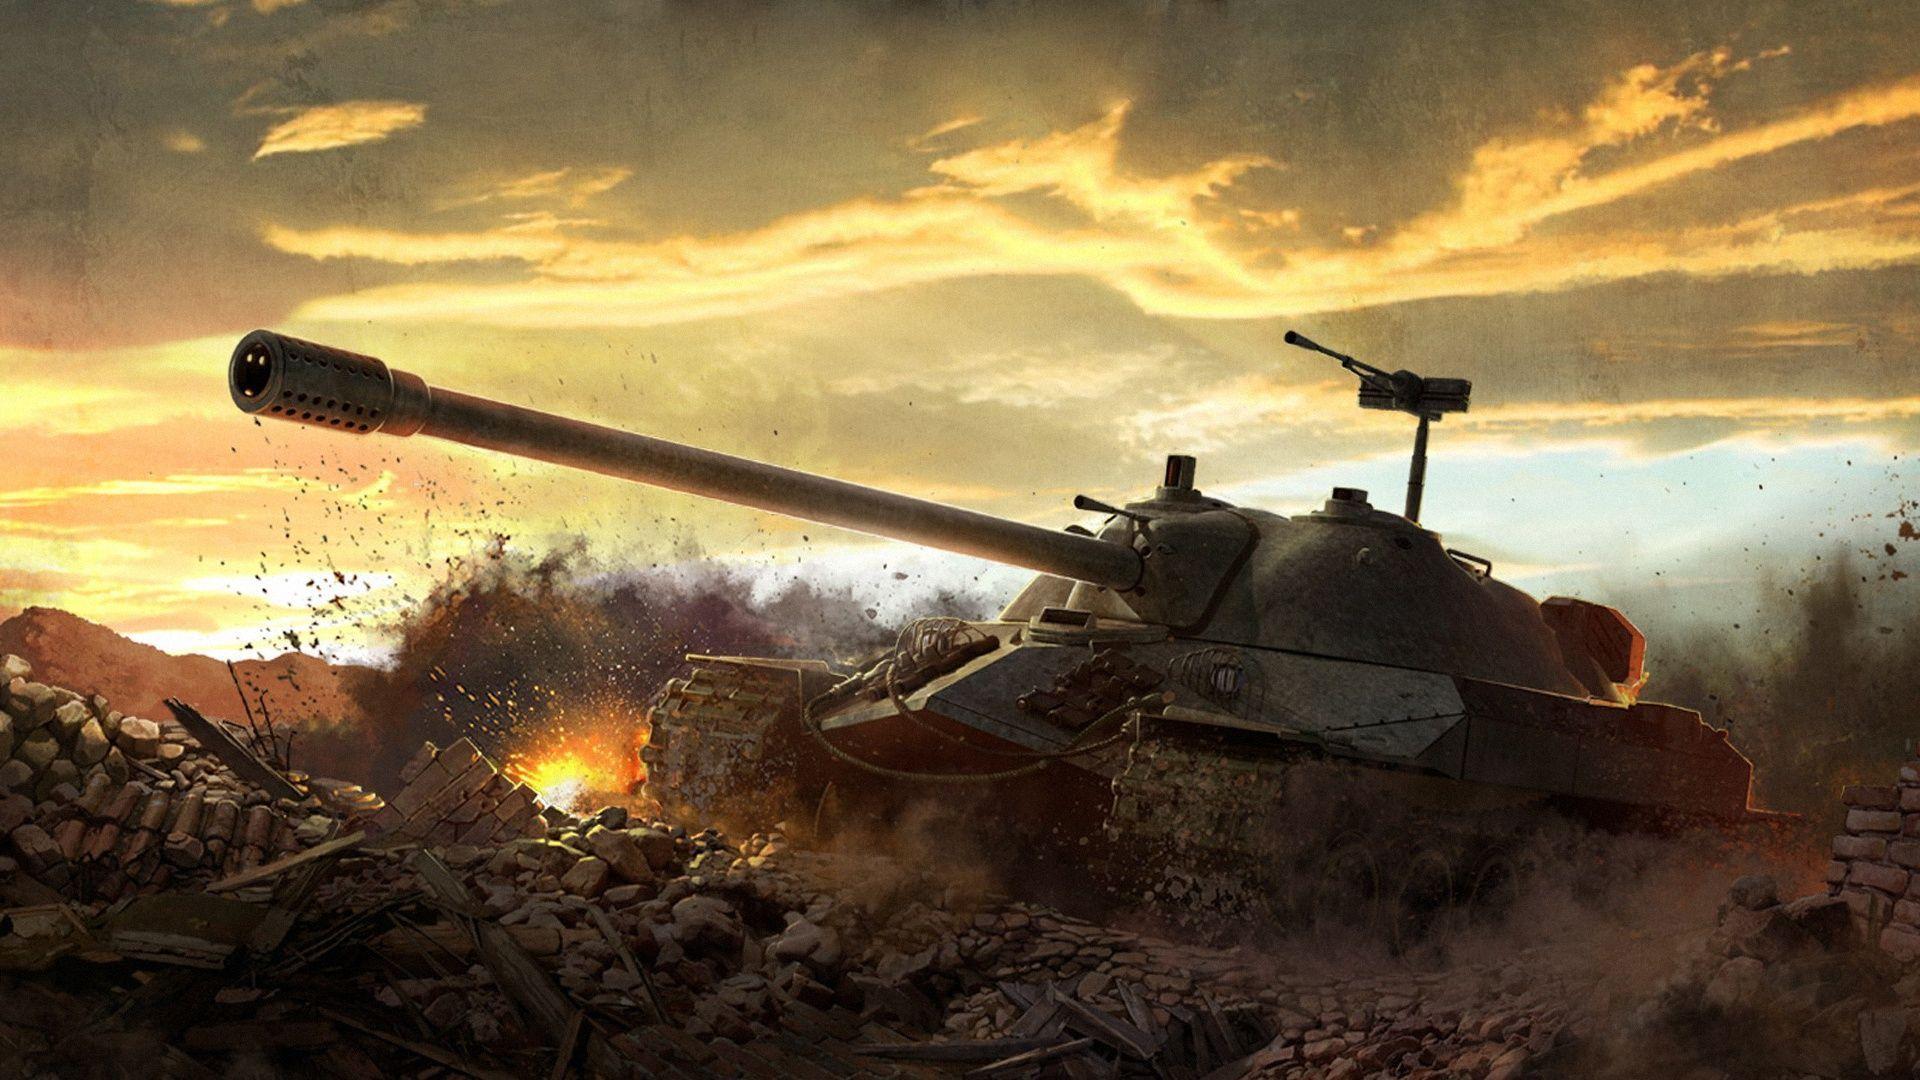 11989 - ¿Reconoces estos vehículos de World of Tanks? [Difícil]